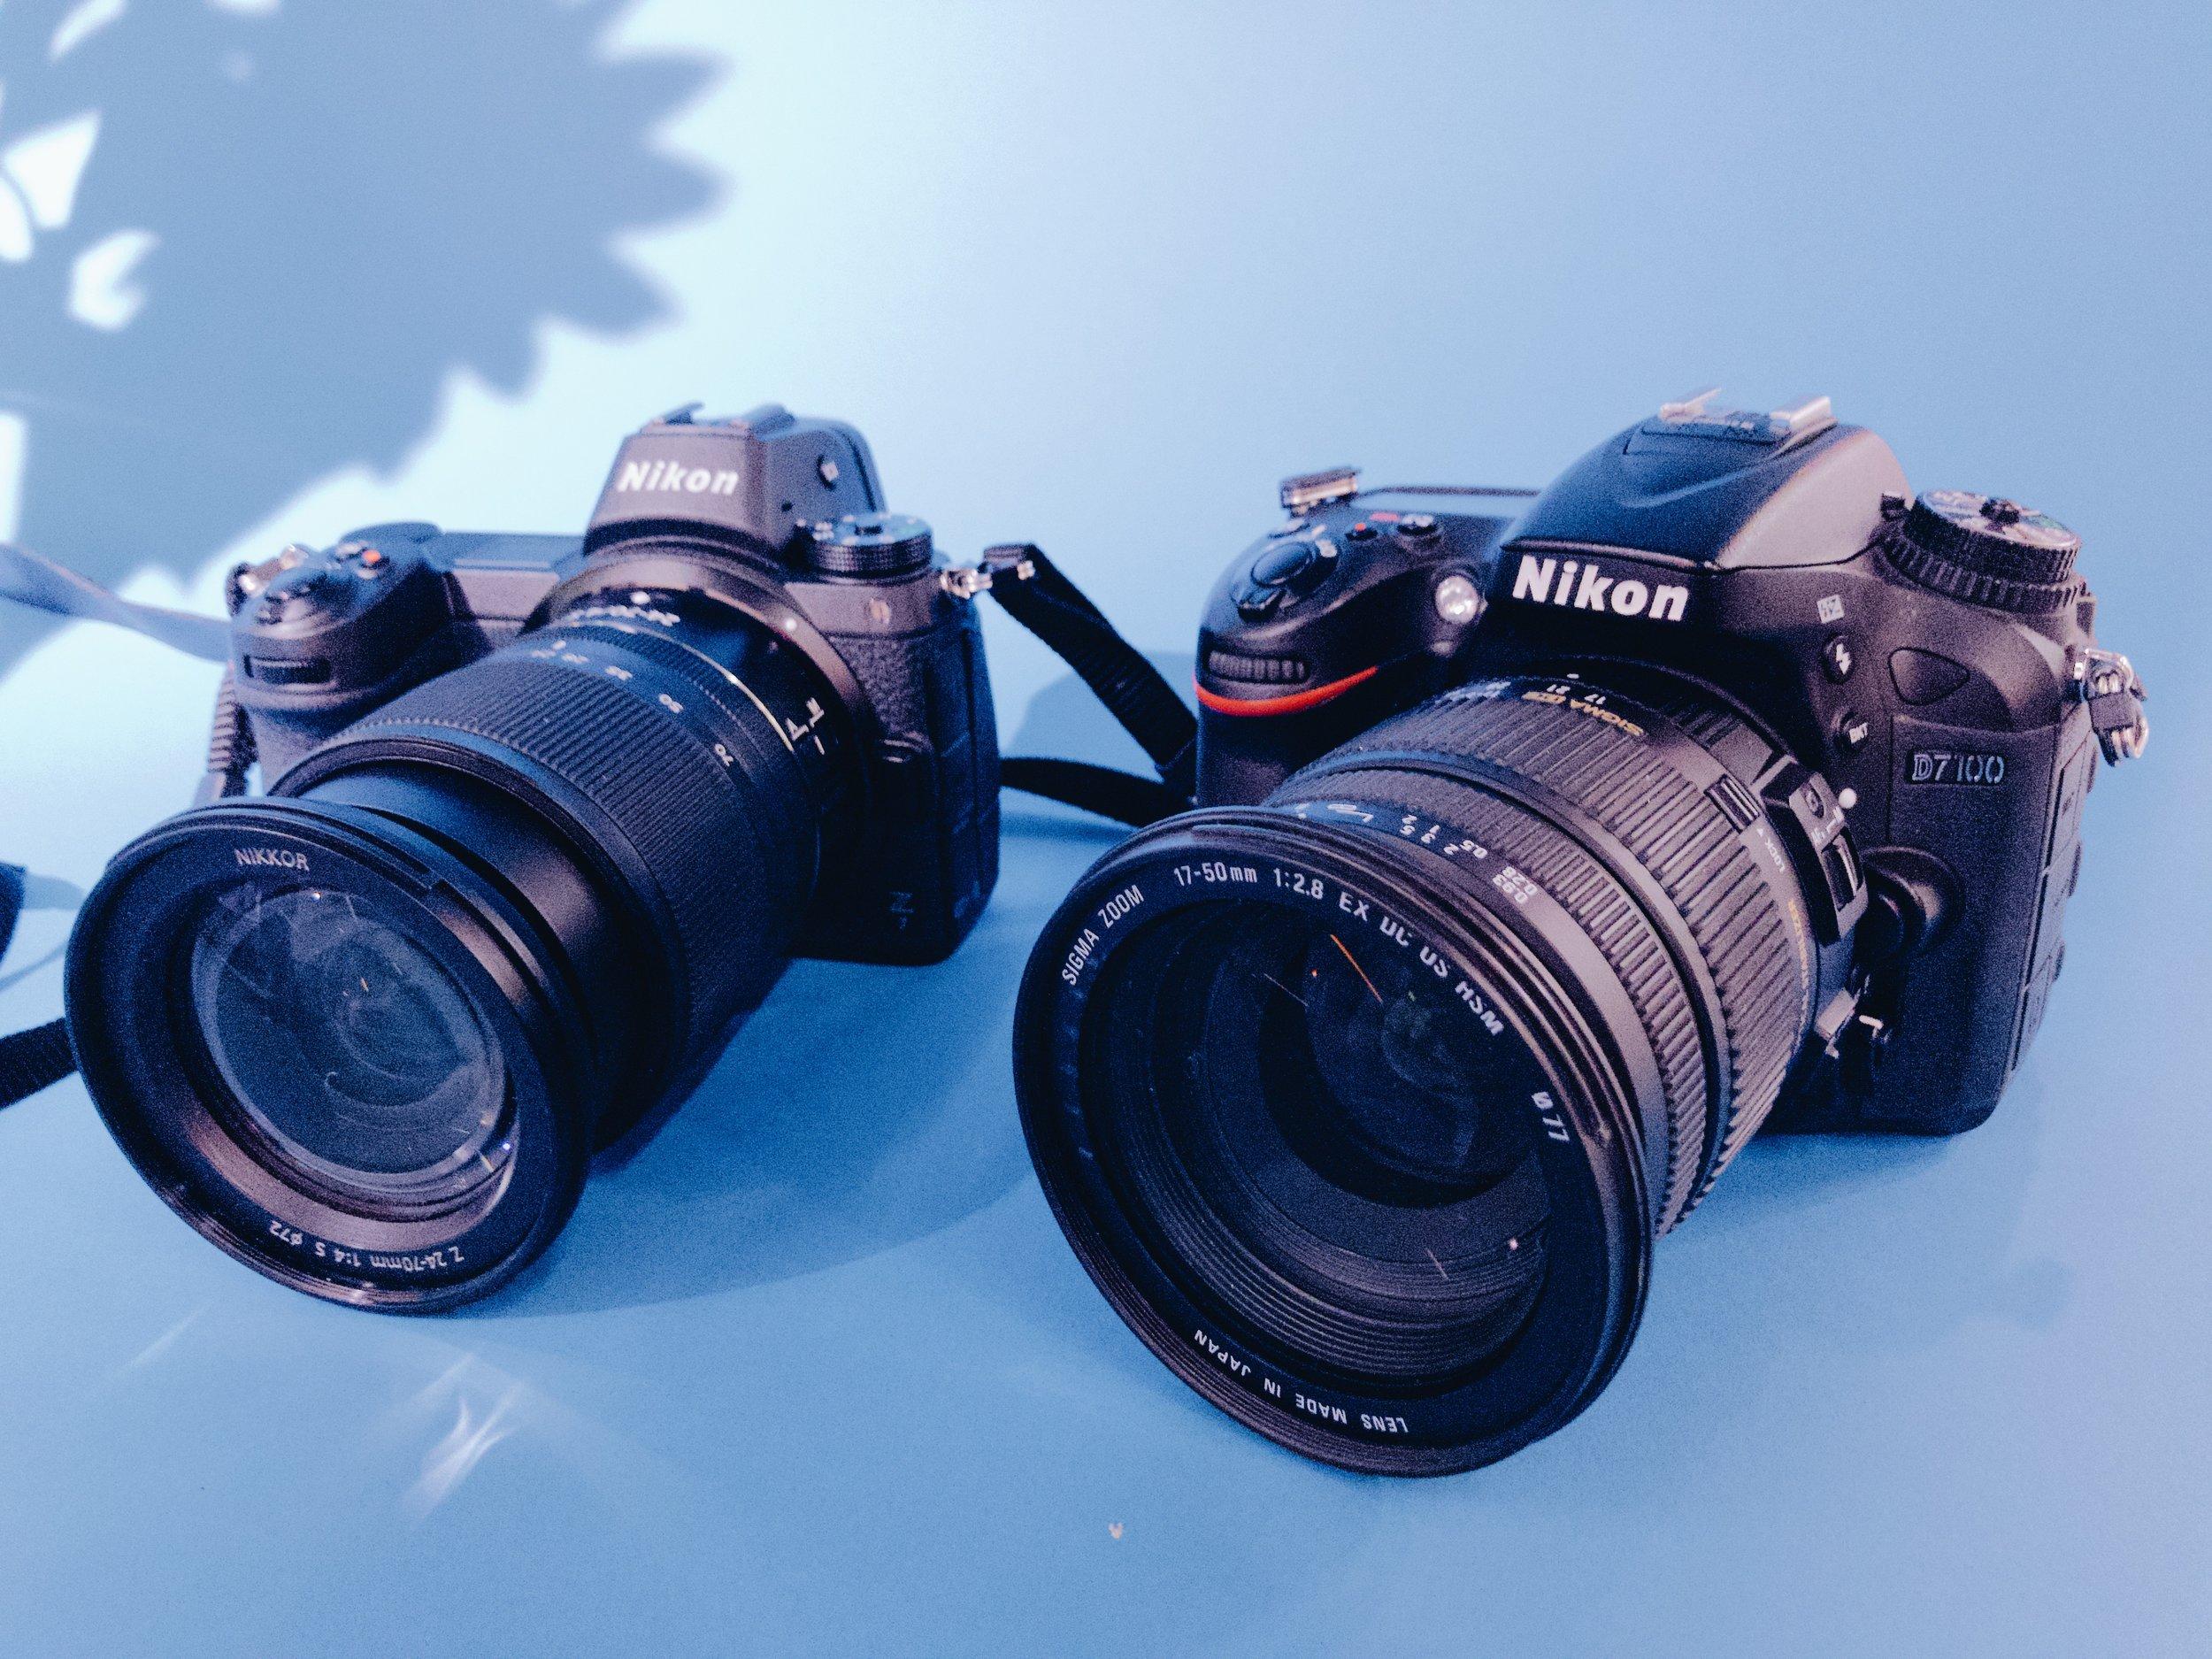 The Nikon Z7 (Left) next to the Nikon D7100 (Right)